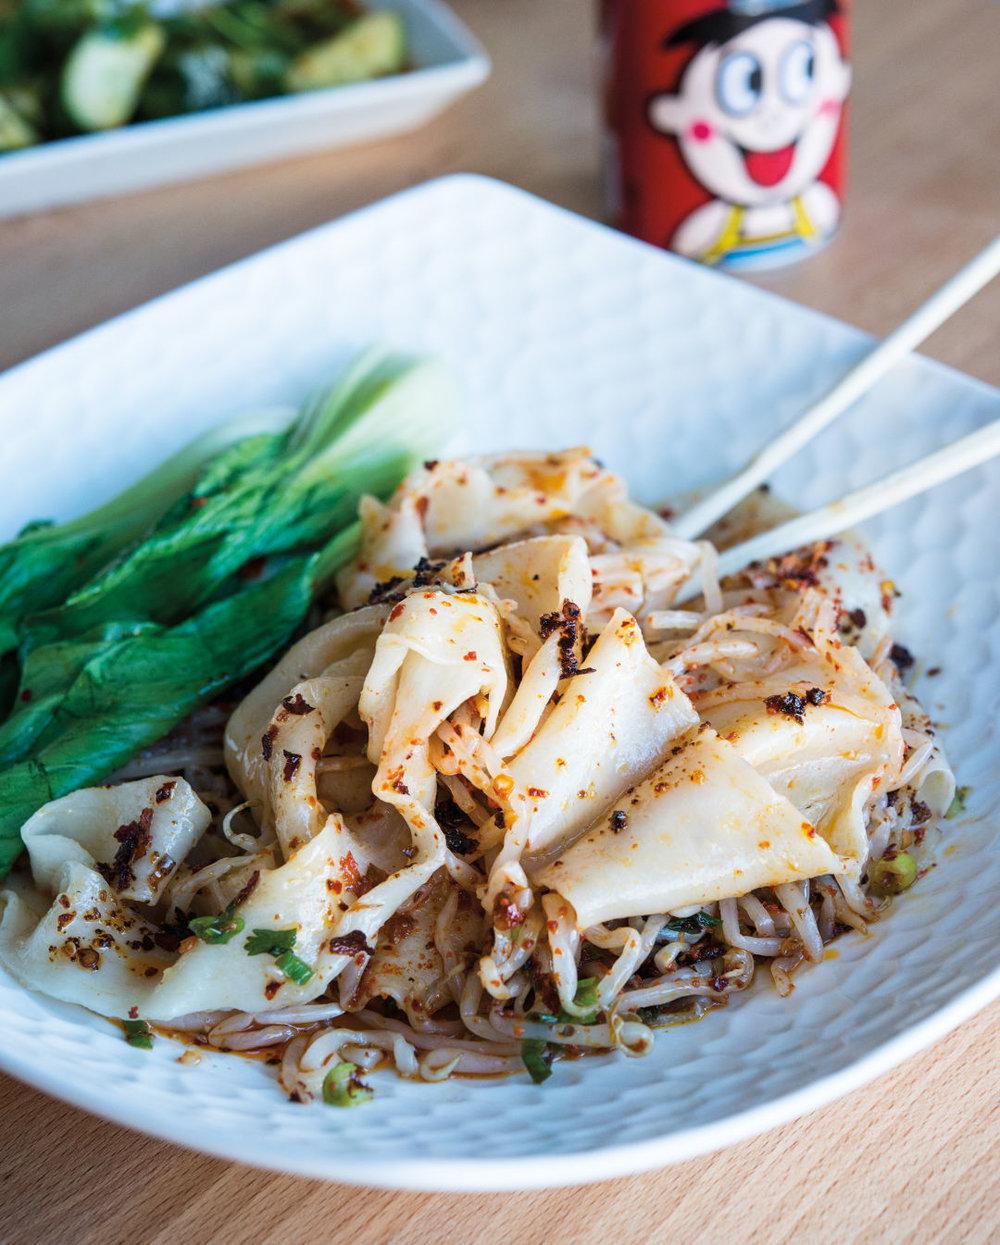 Hot oil noodles at Xi'an Noodles  IMAGE:  SARAH FLOTARD